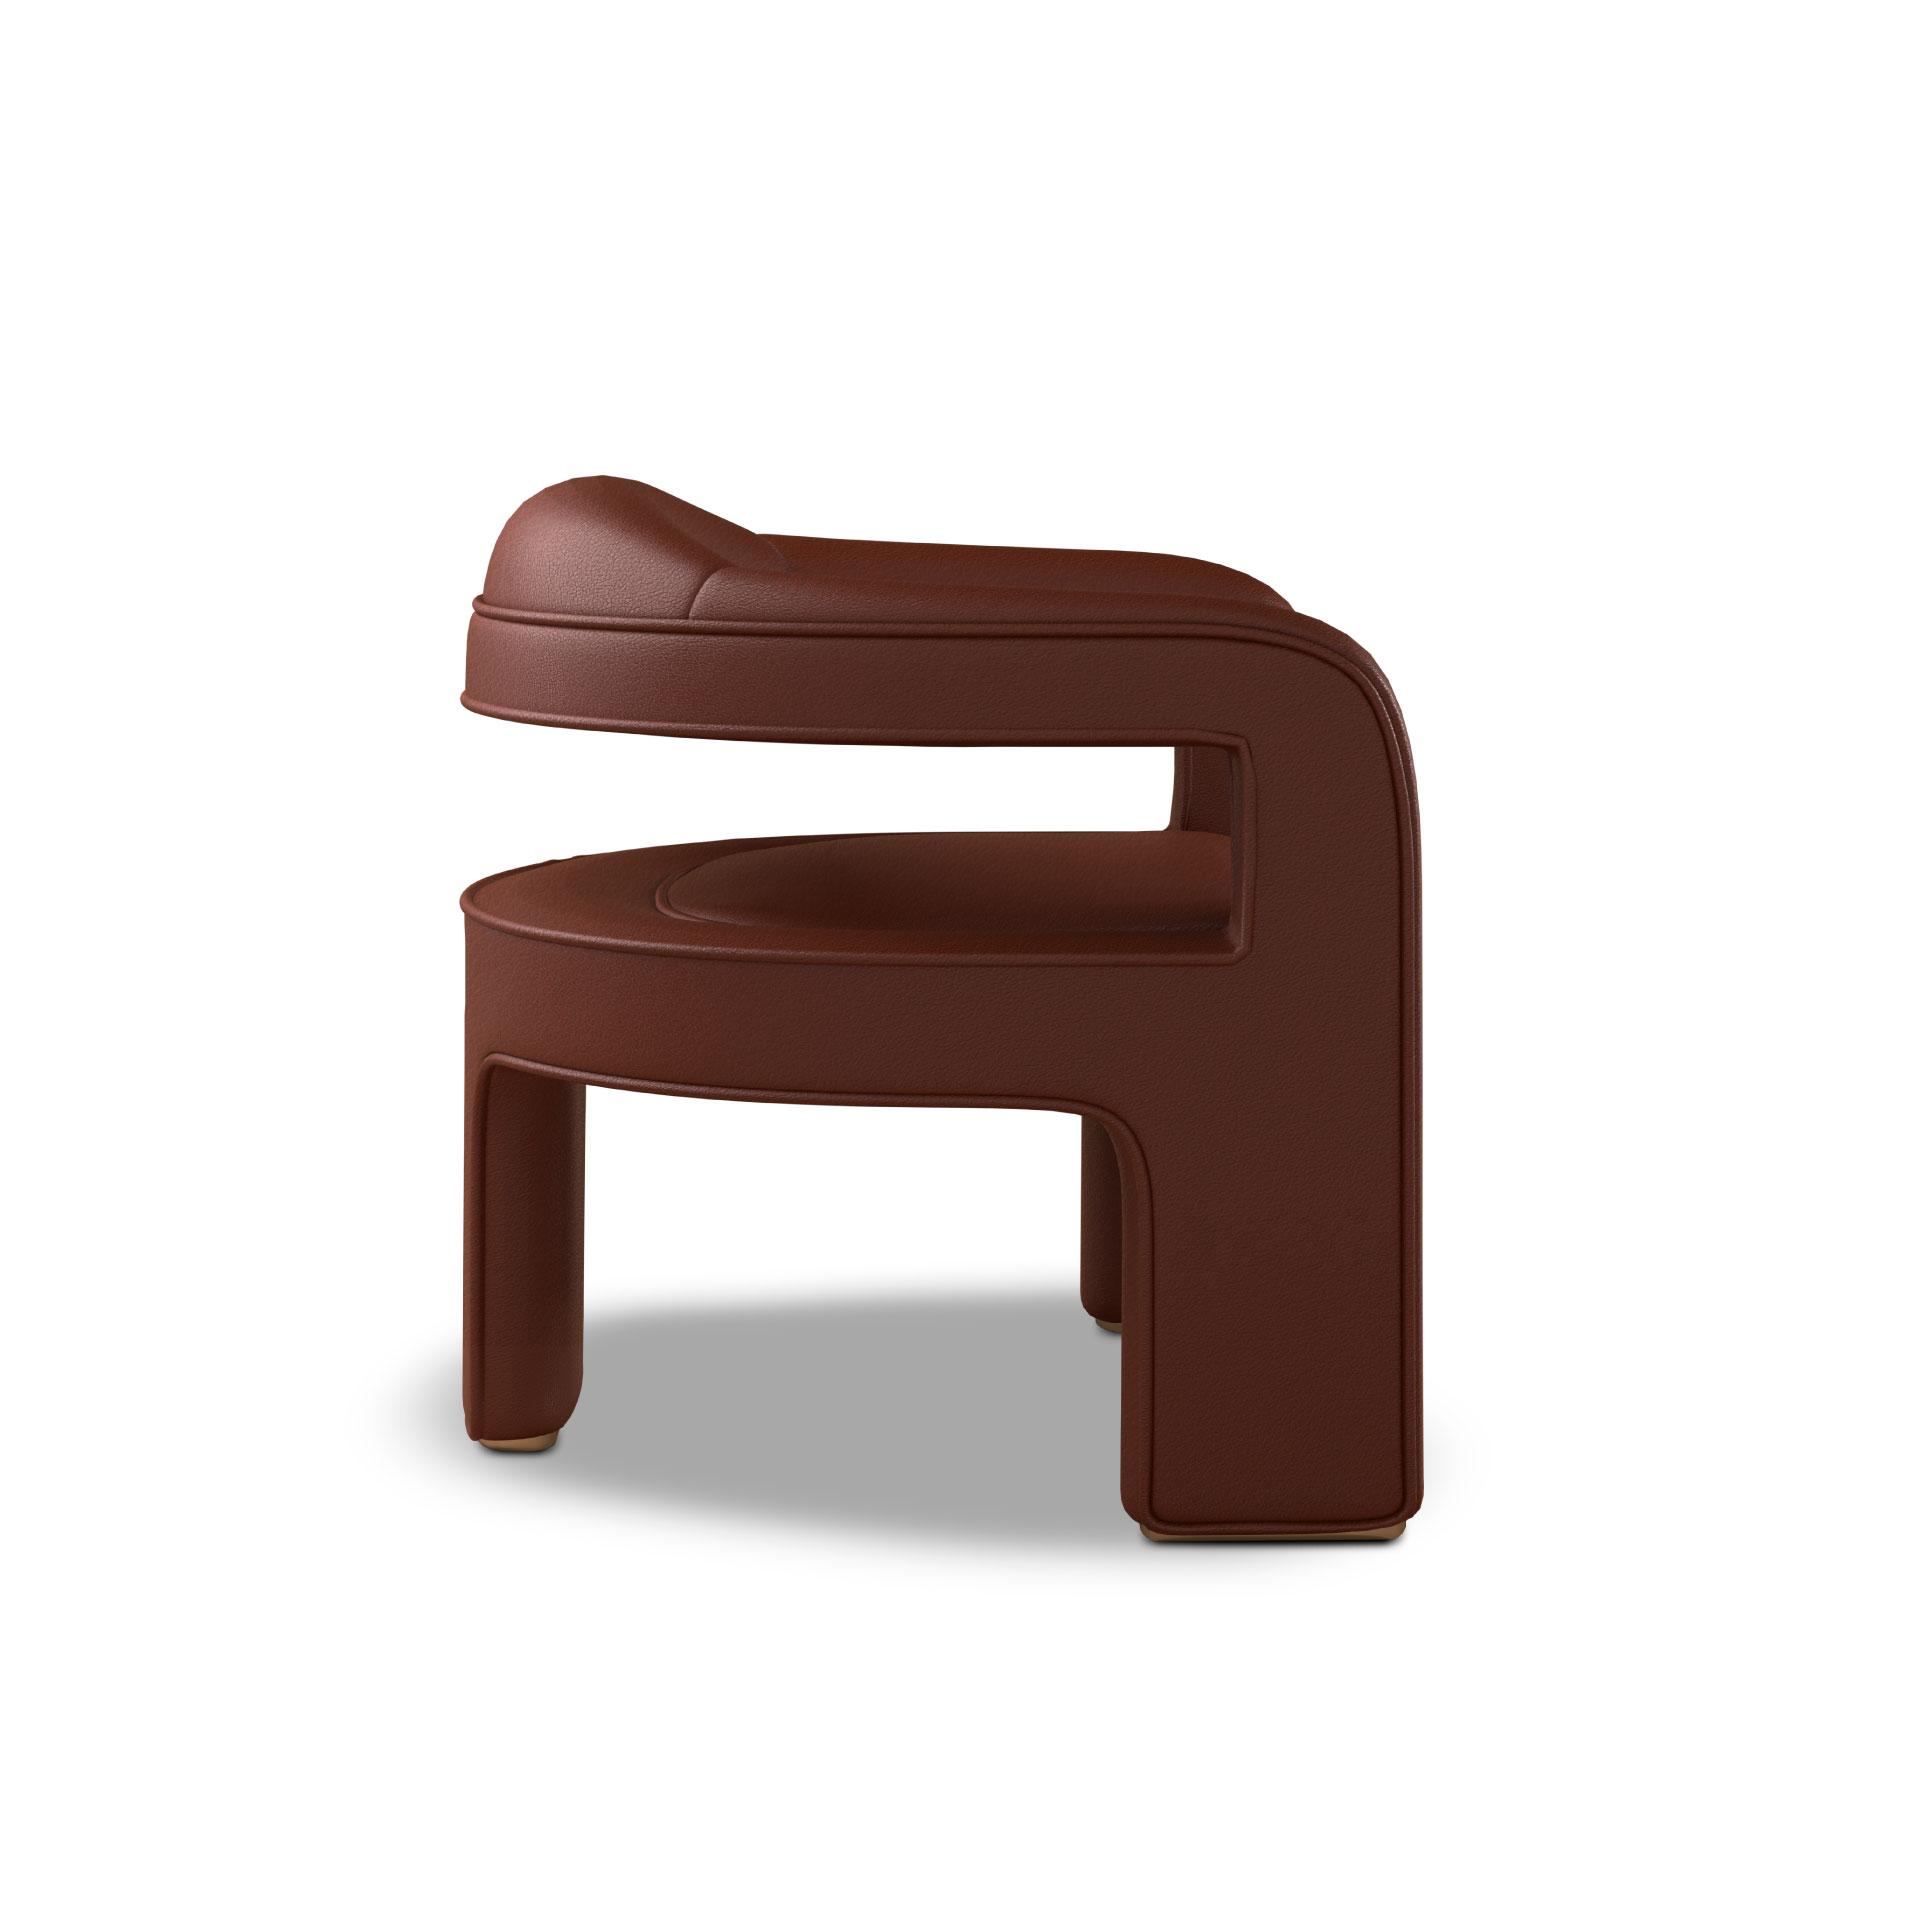 Hudson armchair 02